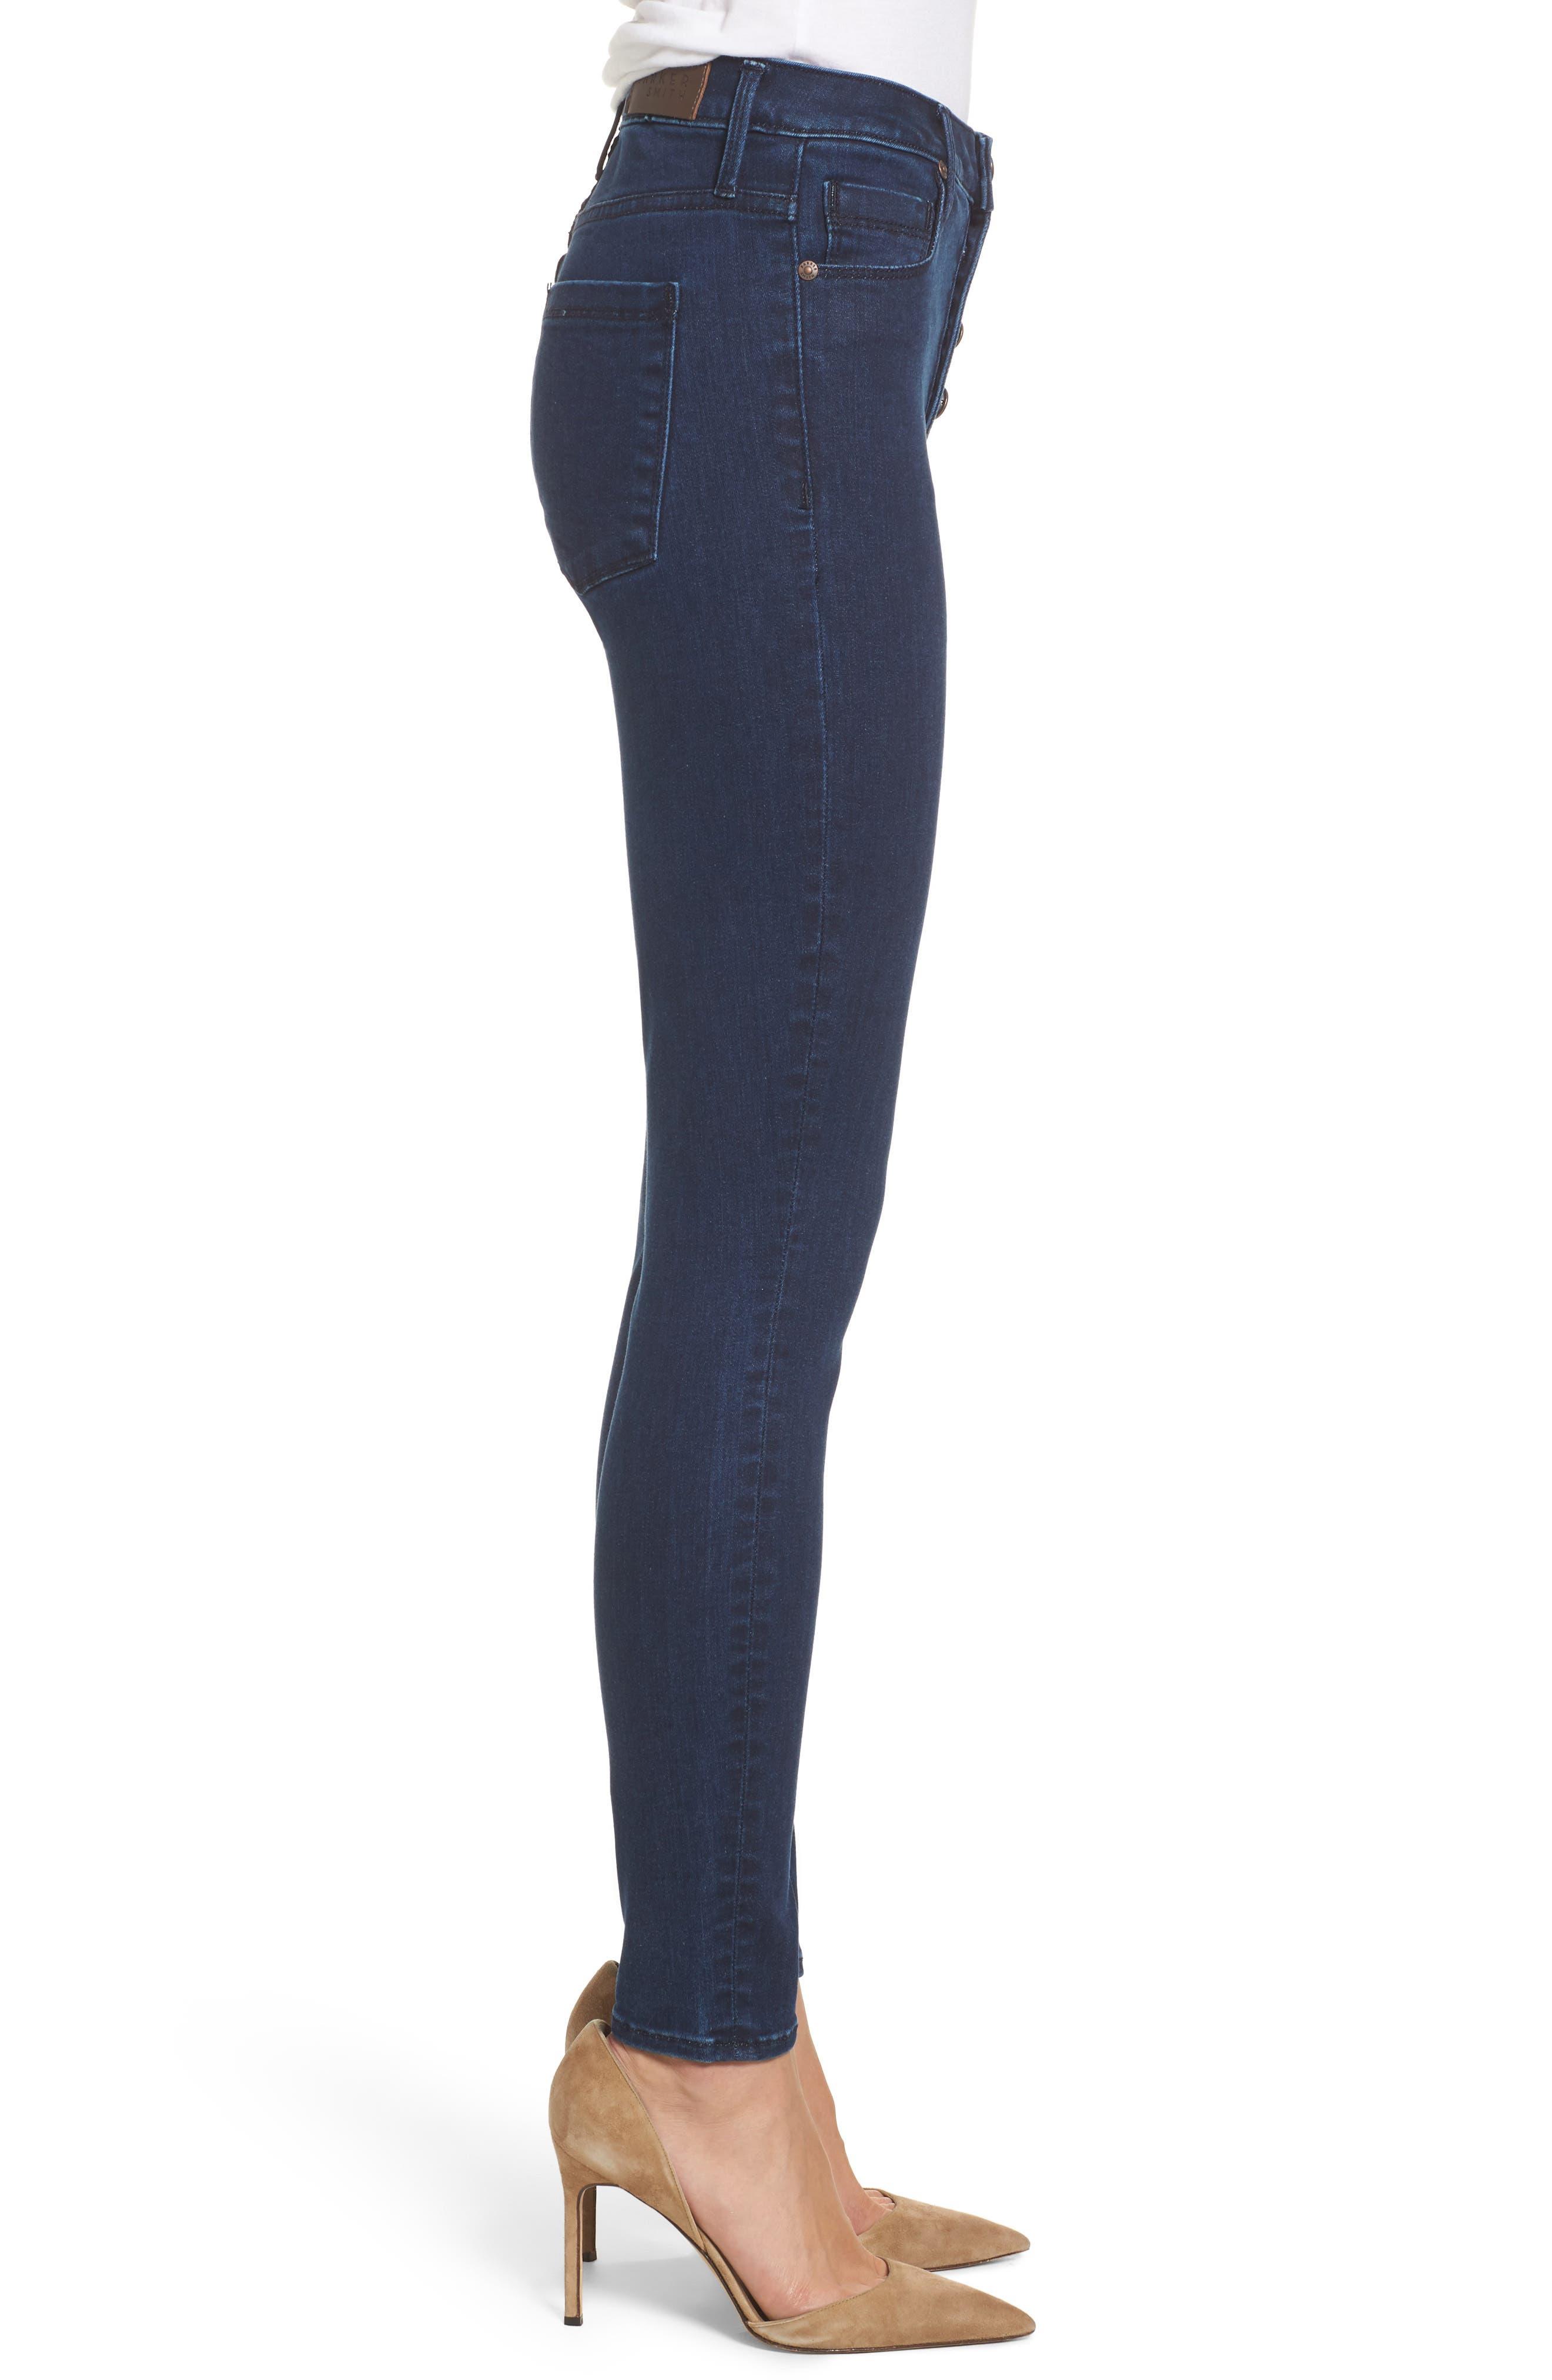 Bombshell High Waist Skinny Jeans,                             Alternate thumbnail 3, color,                             401